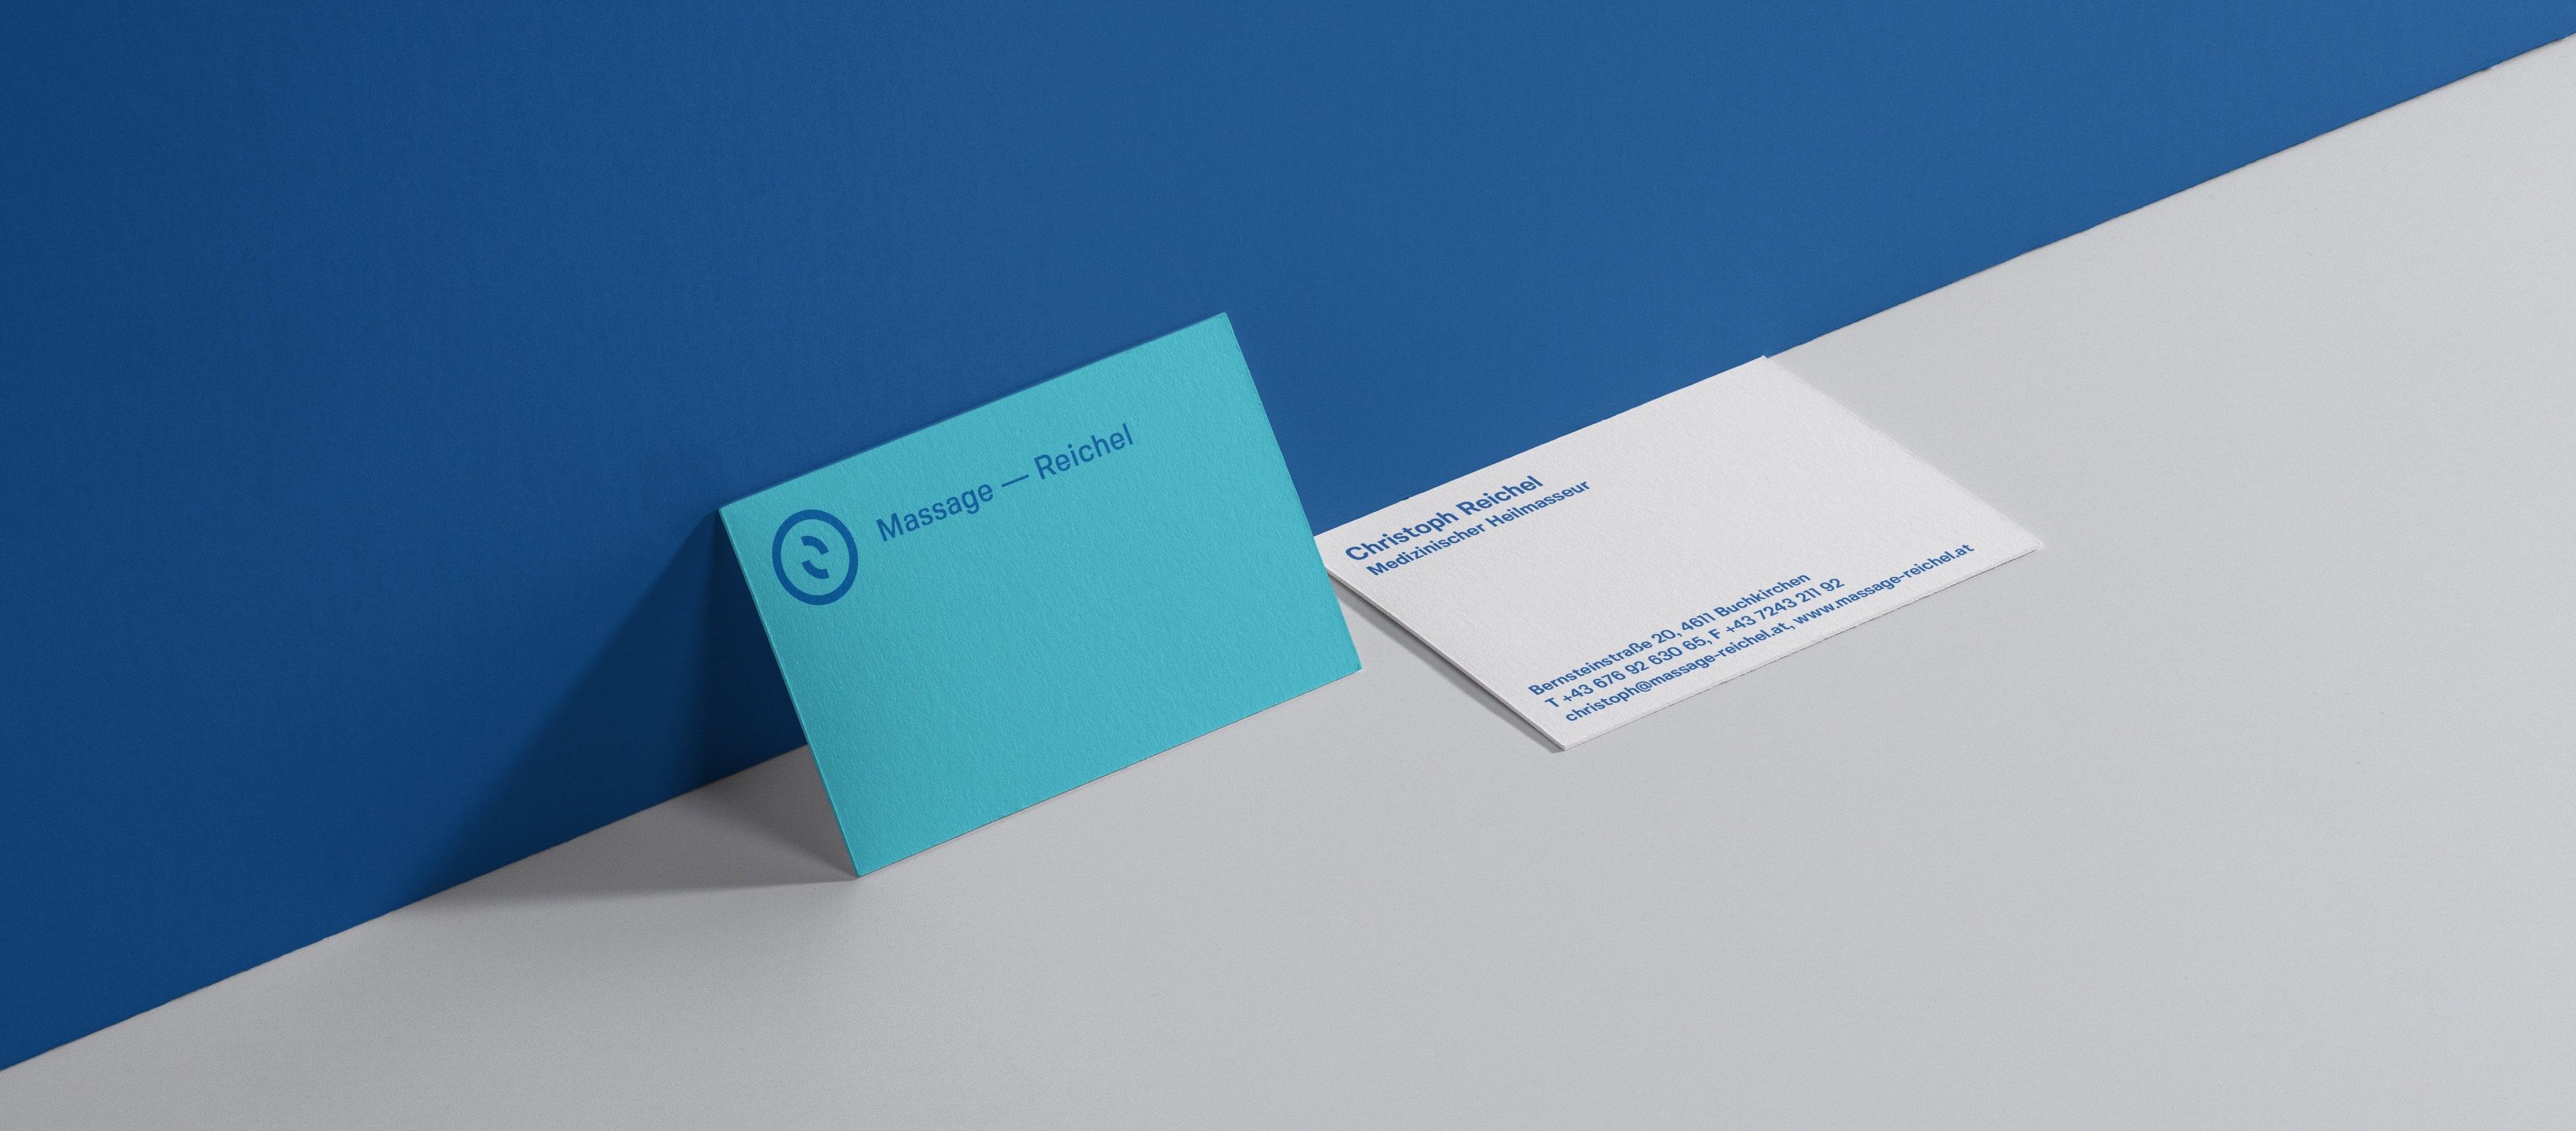 Q2 Werbeagentur, Massage-Reichel, Print